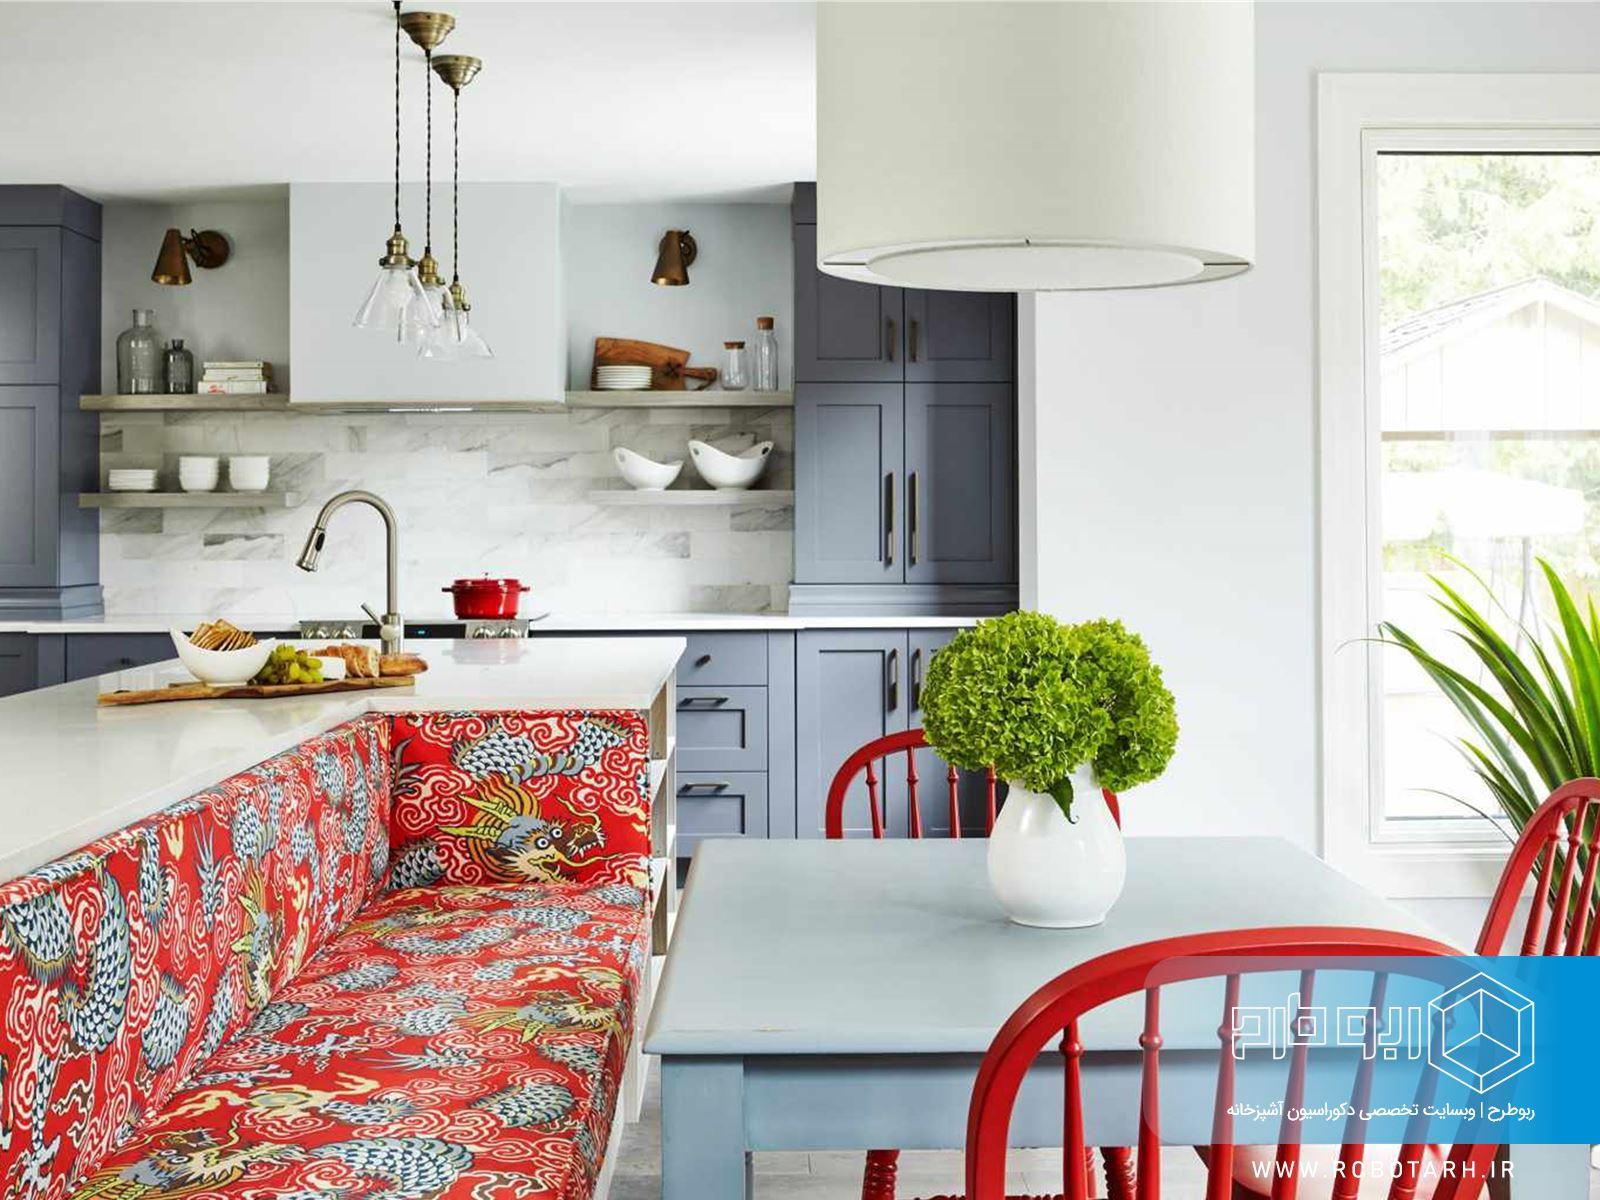 استفاده ار پارچه های رنگی در دکوراسیون آشپزخانه